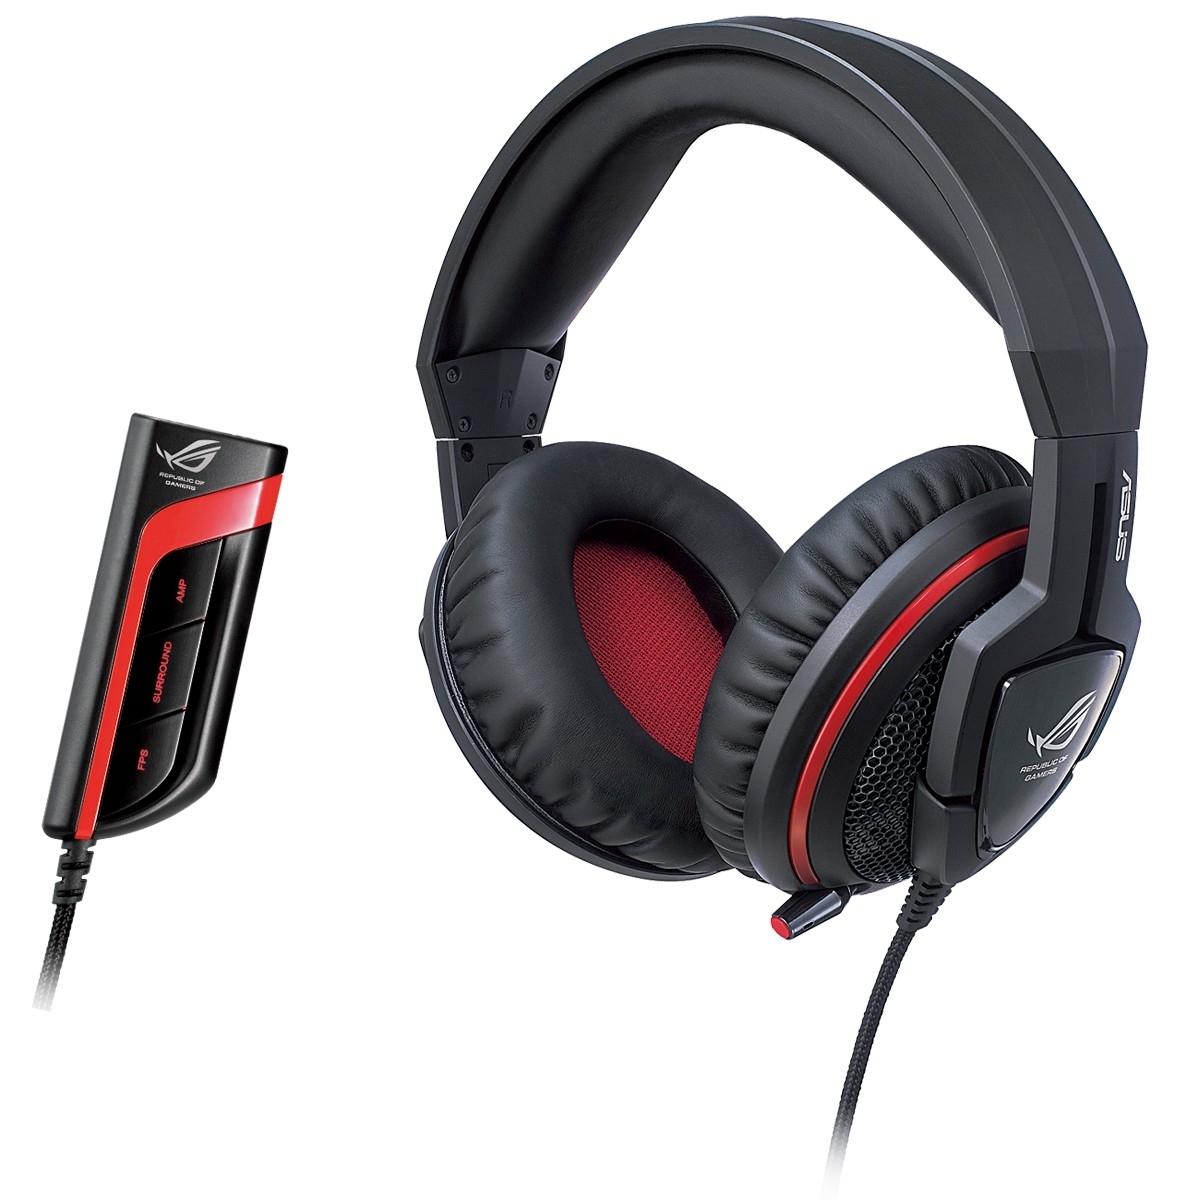 Игровая гарнитура Asus Orion Pro, Black Red